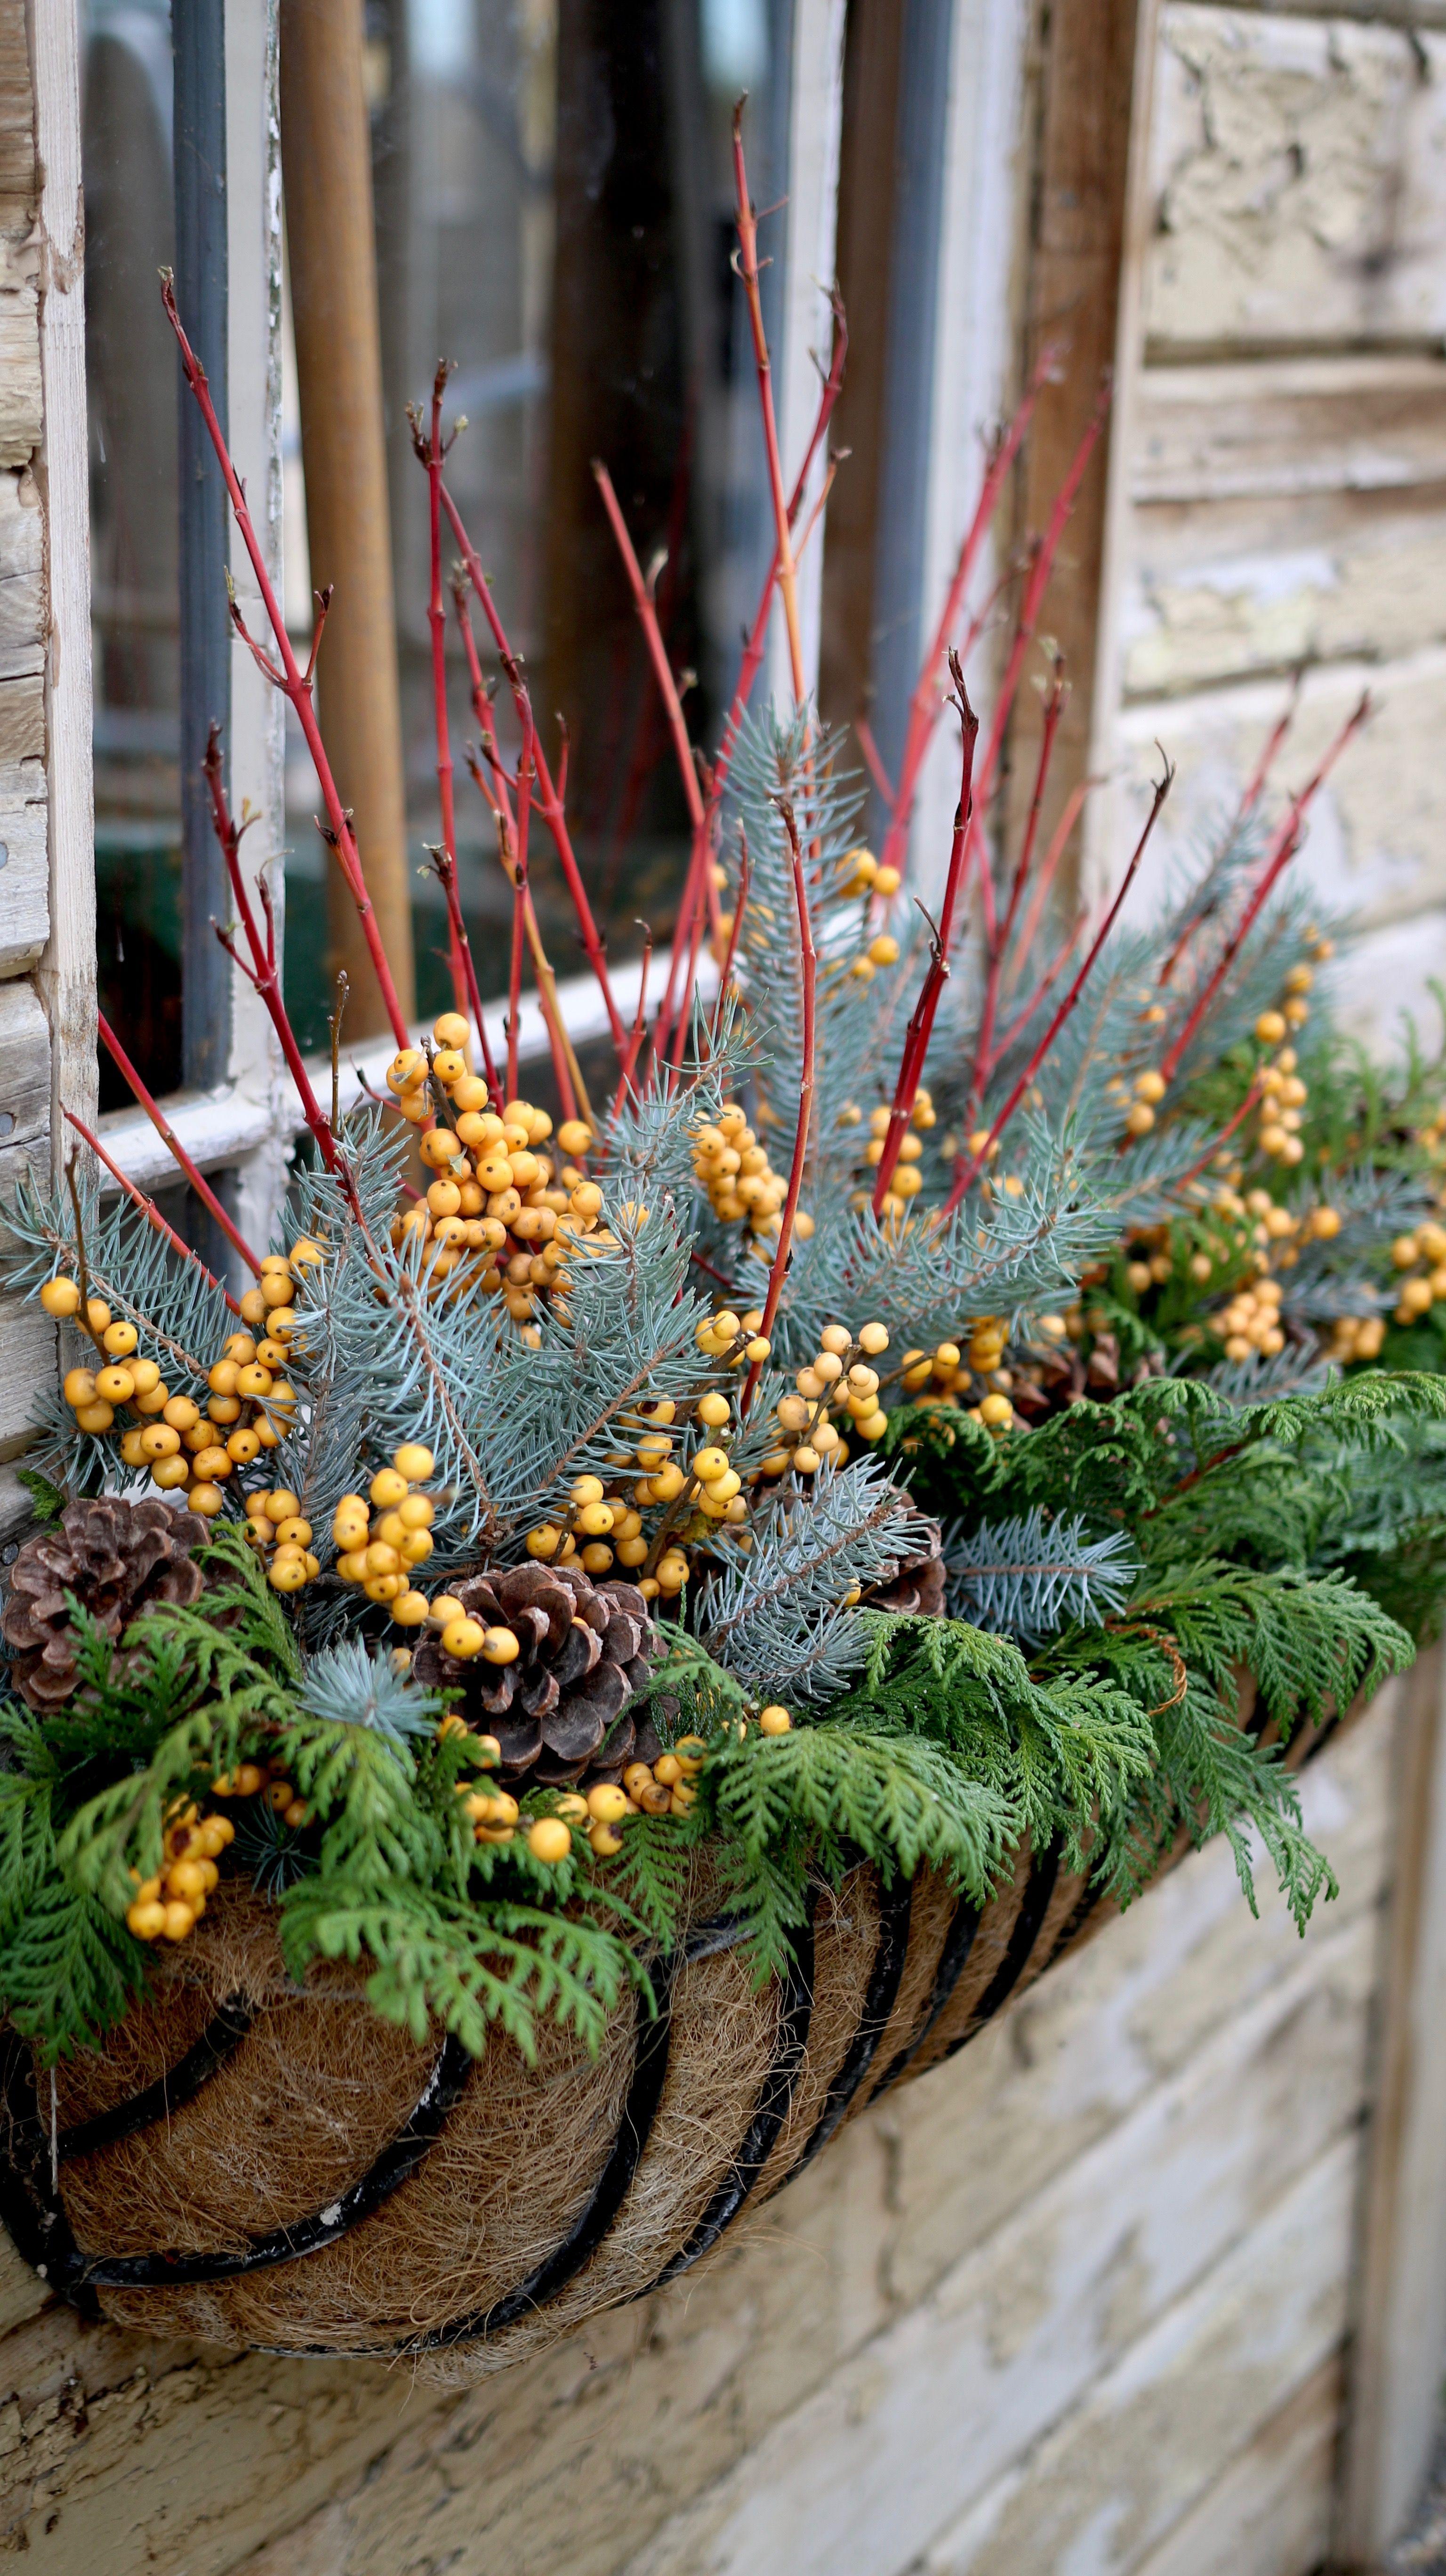 pin by scott hanna on gardening horticulture pinterest winter rh pinterest com